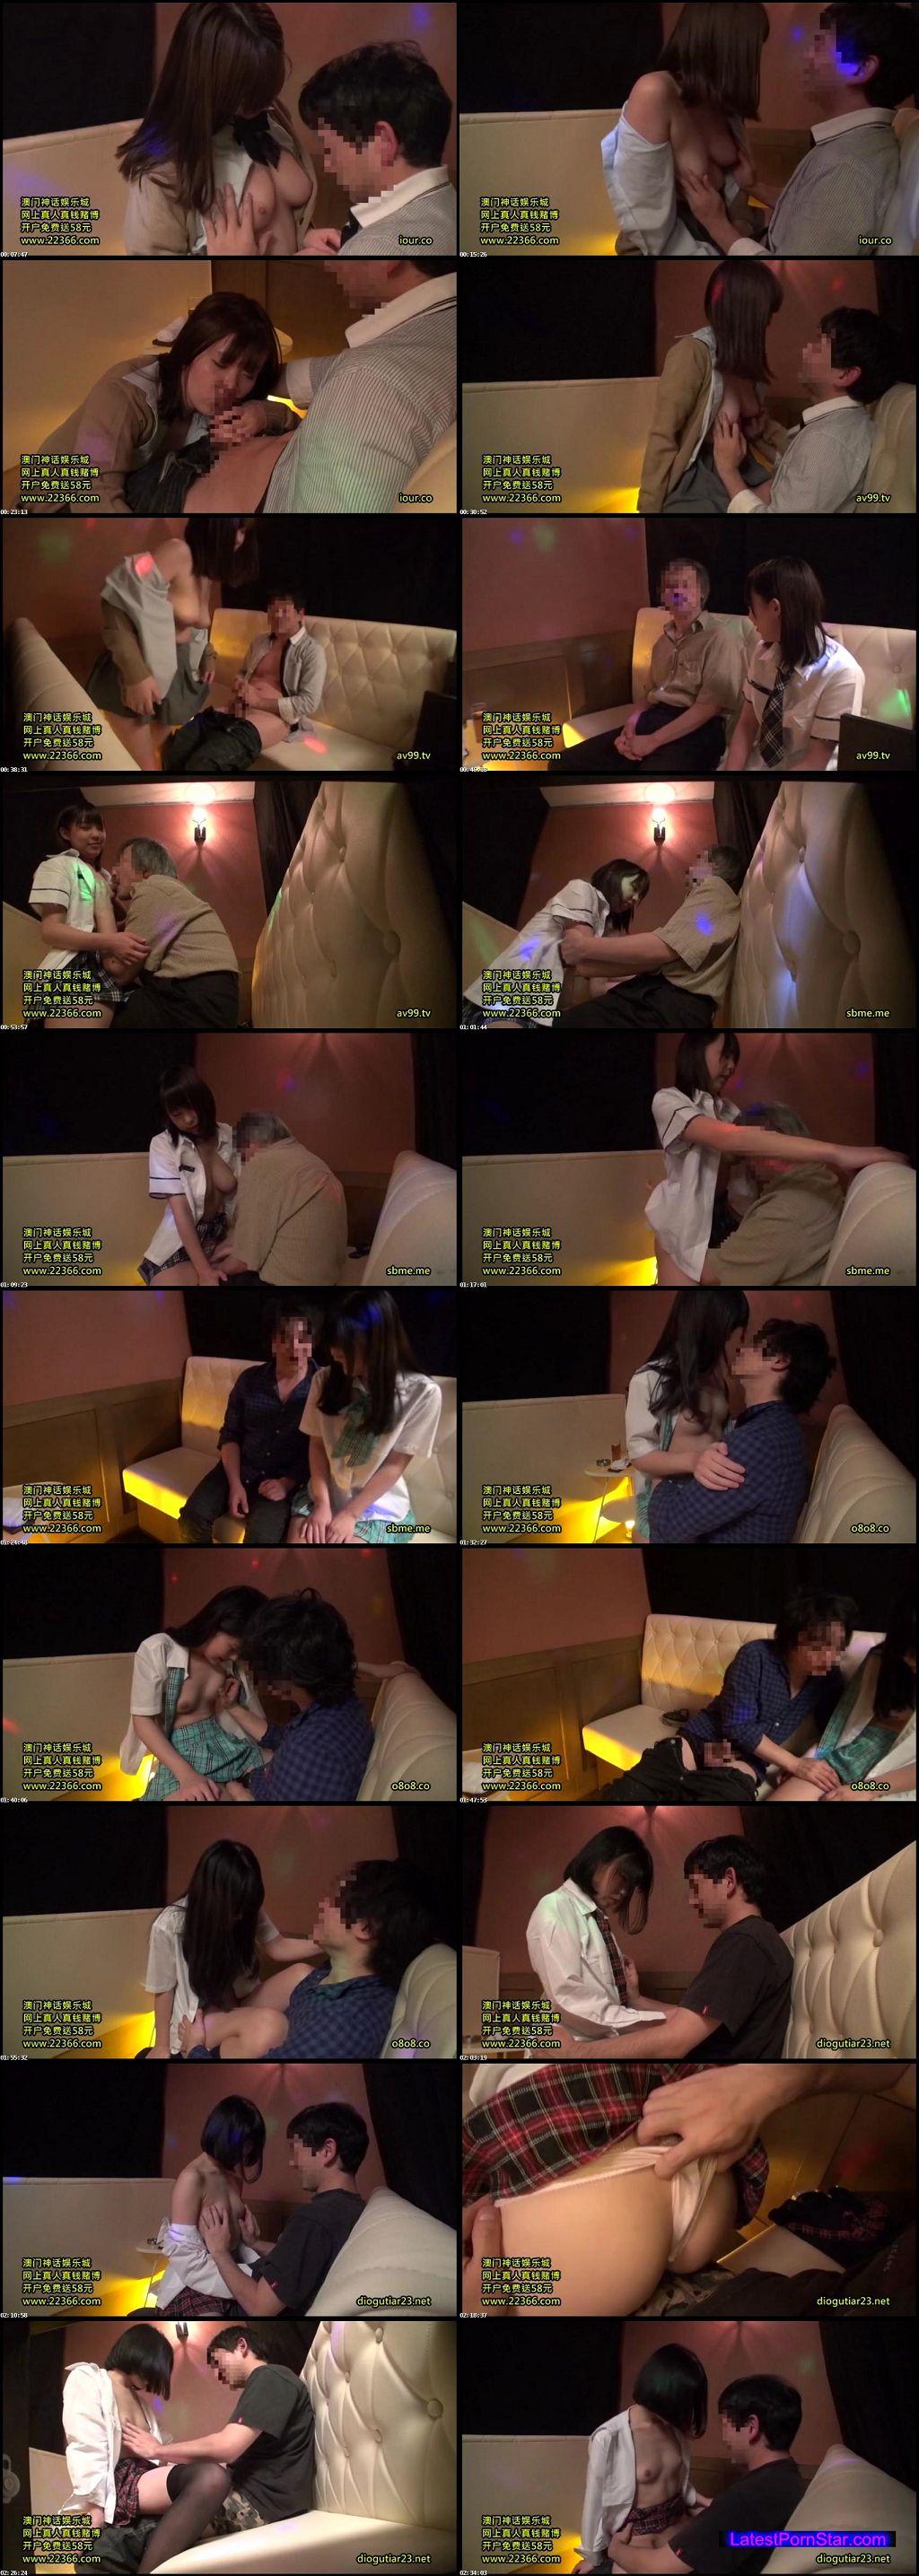 [MIST-098] 日本最大の繁華街にある「老舗おっぱいパブ」では新人嬢がベテラン嬢から客を奪うために内緒でセックスさせてくれる。しかも生で。3